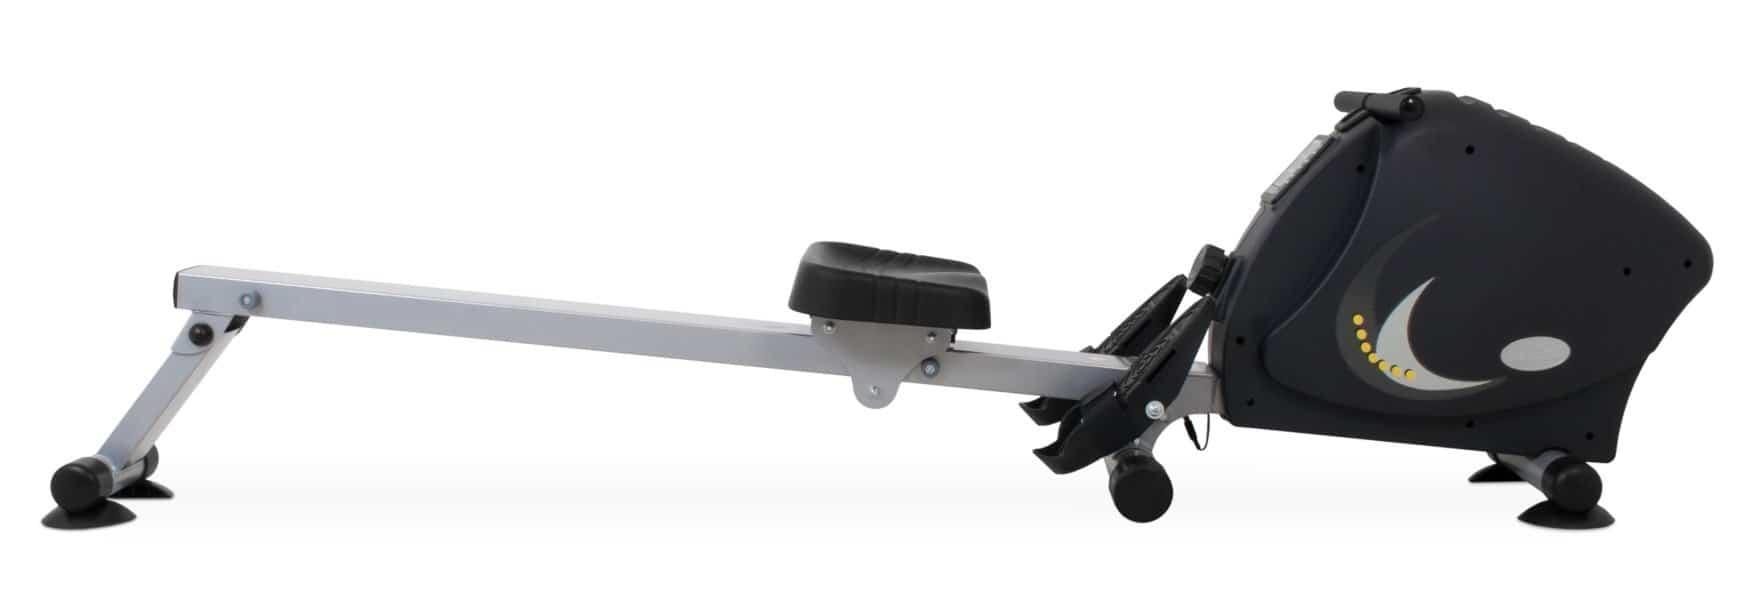 LifeSpan RW1000 Rower Capacity